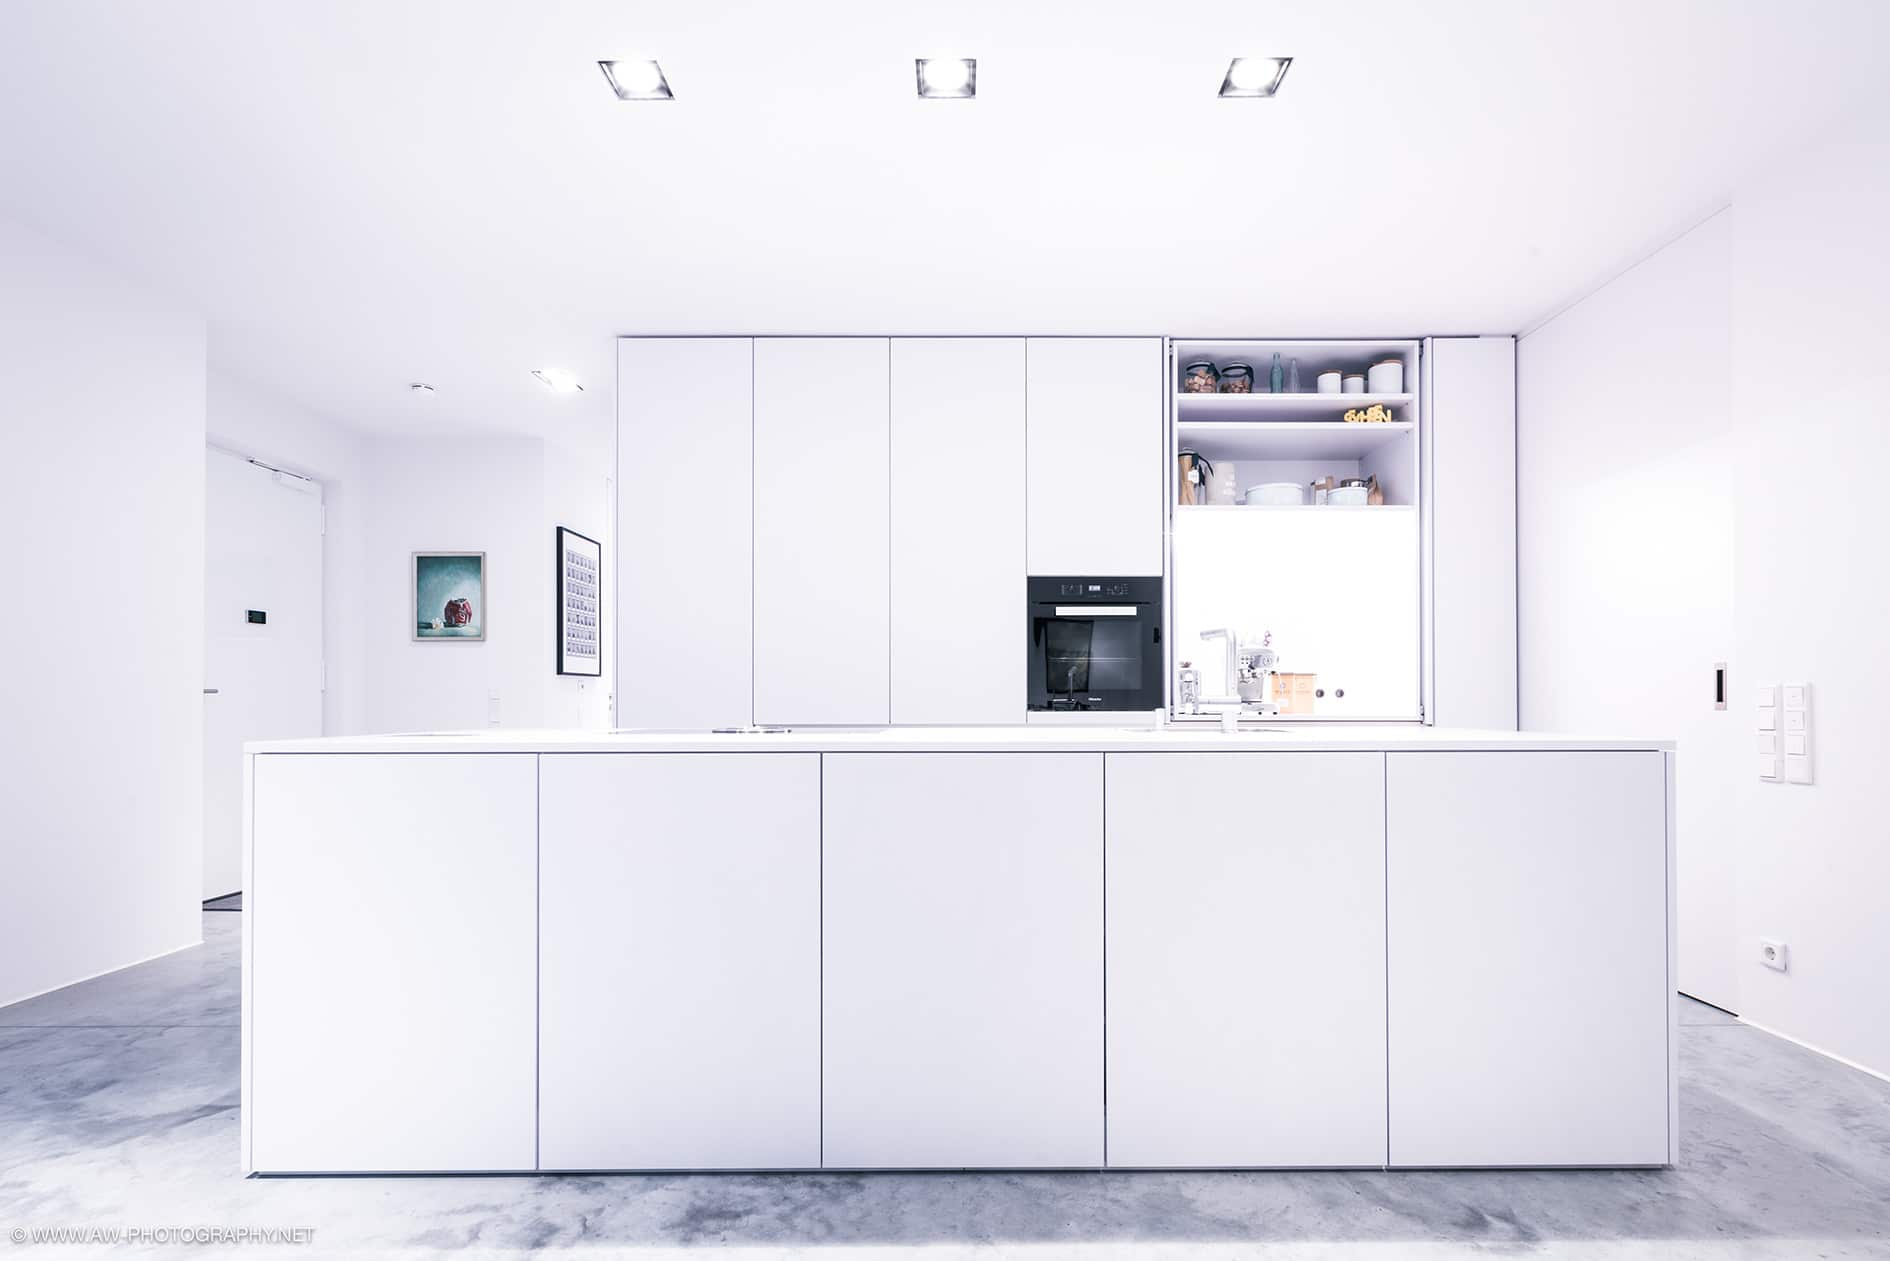 Innenausbau Penthousewohnung von VOIT in Schlichtstoff weiß und Stahl geschwärzt - komplett weiße Kochinsel, im Hintergrund Einbauschränke mit Küchengeräten und Kaffeemaschine rechts